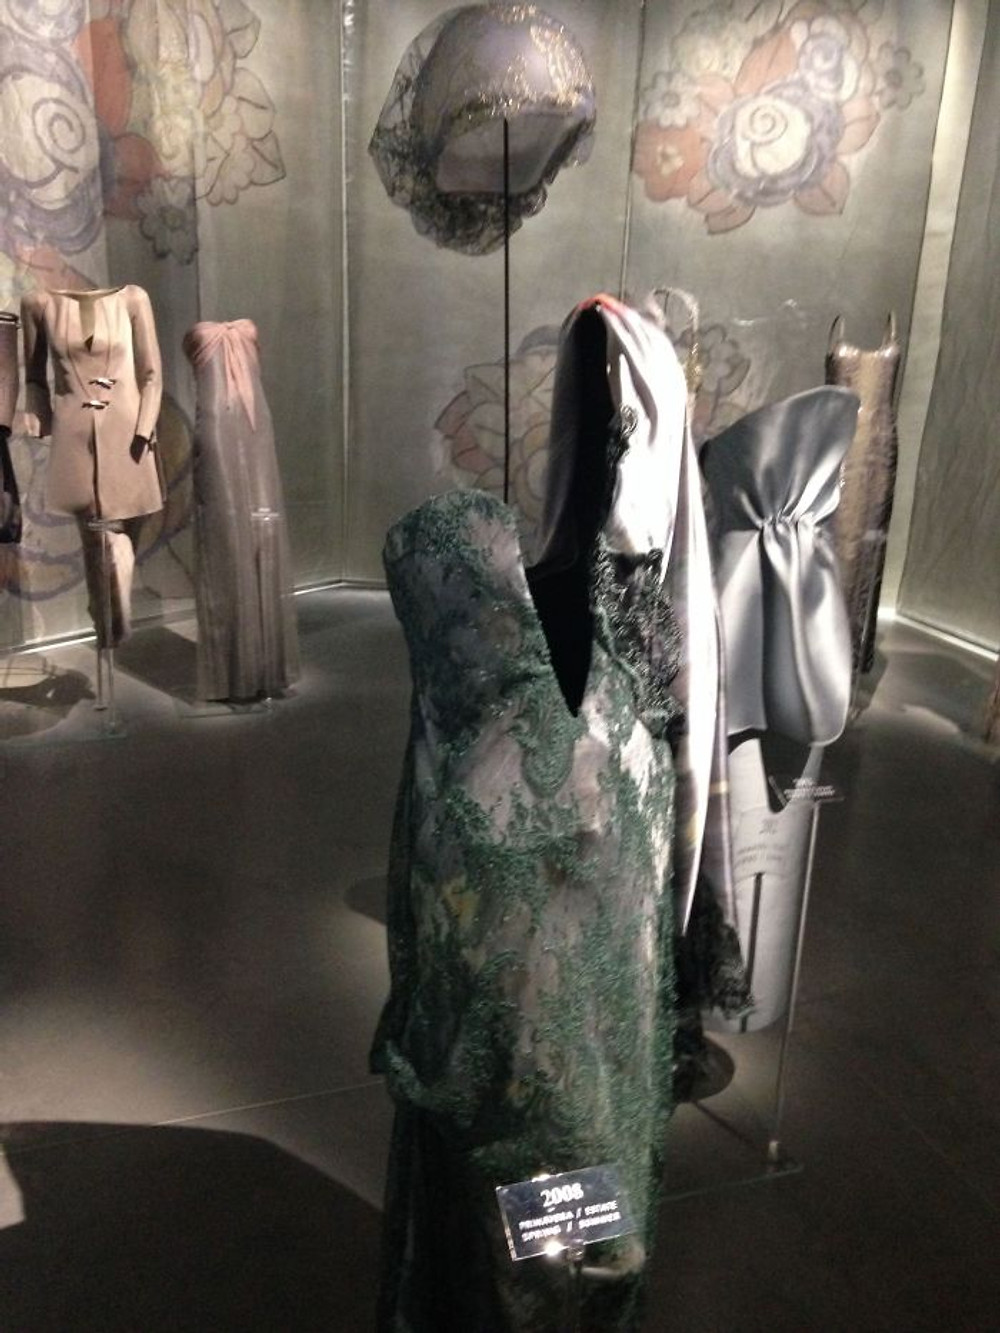 exhibition-armani40-atribute - 041